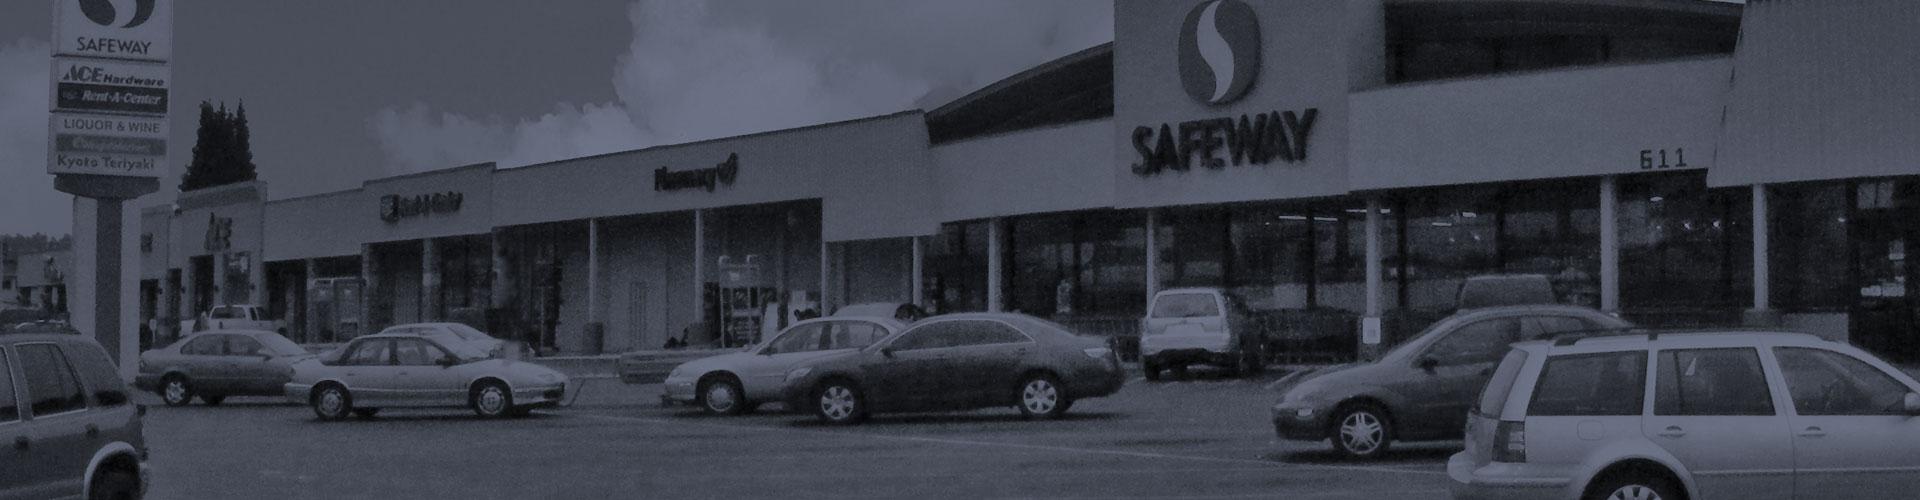 retail-header-1920x500